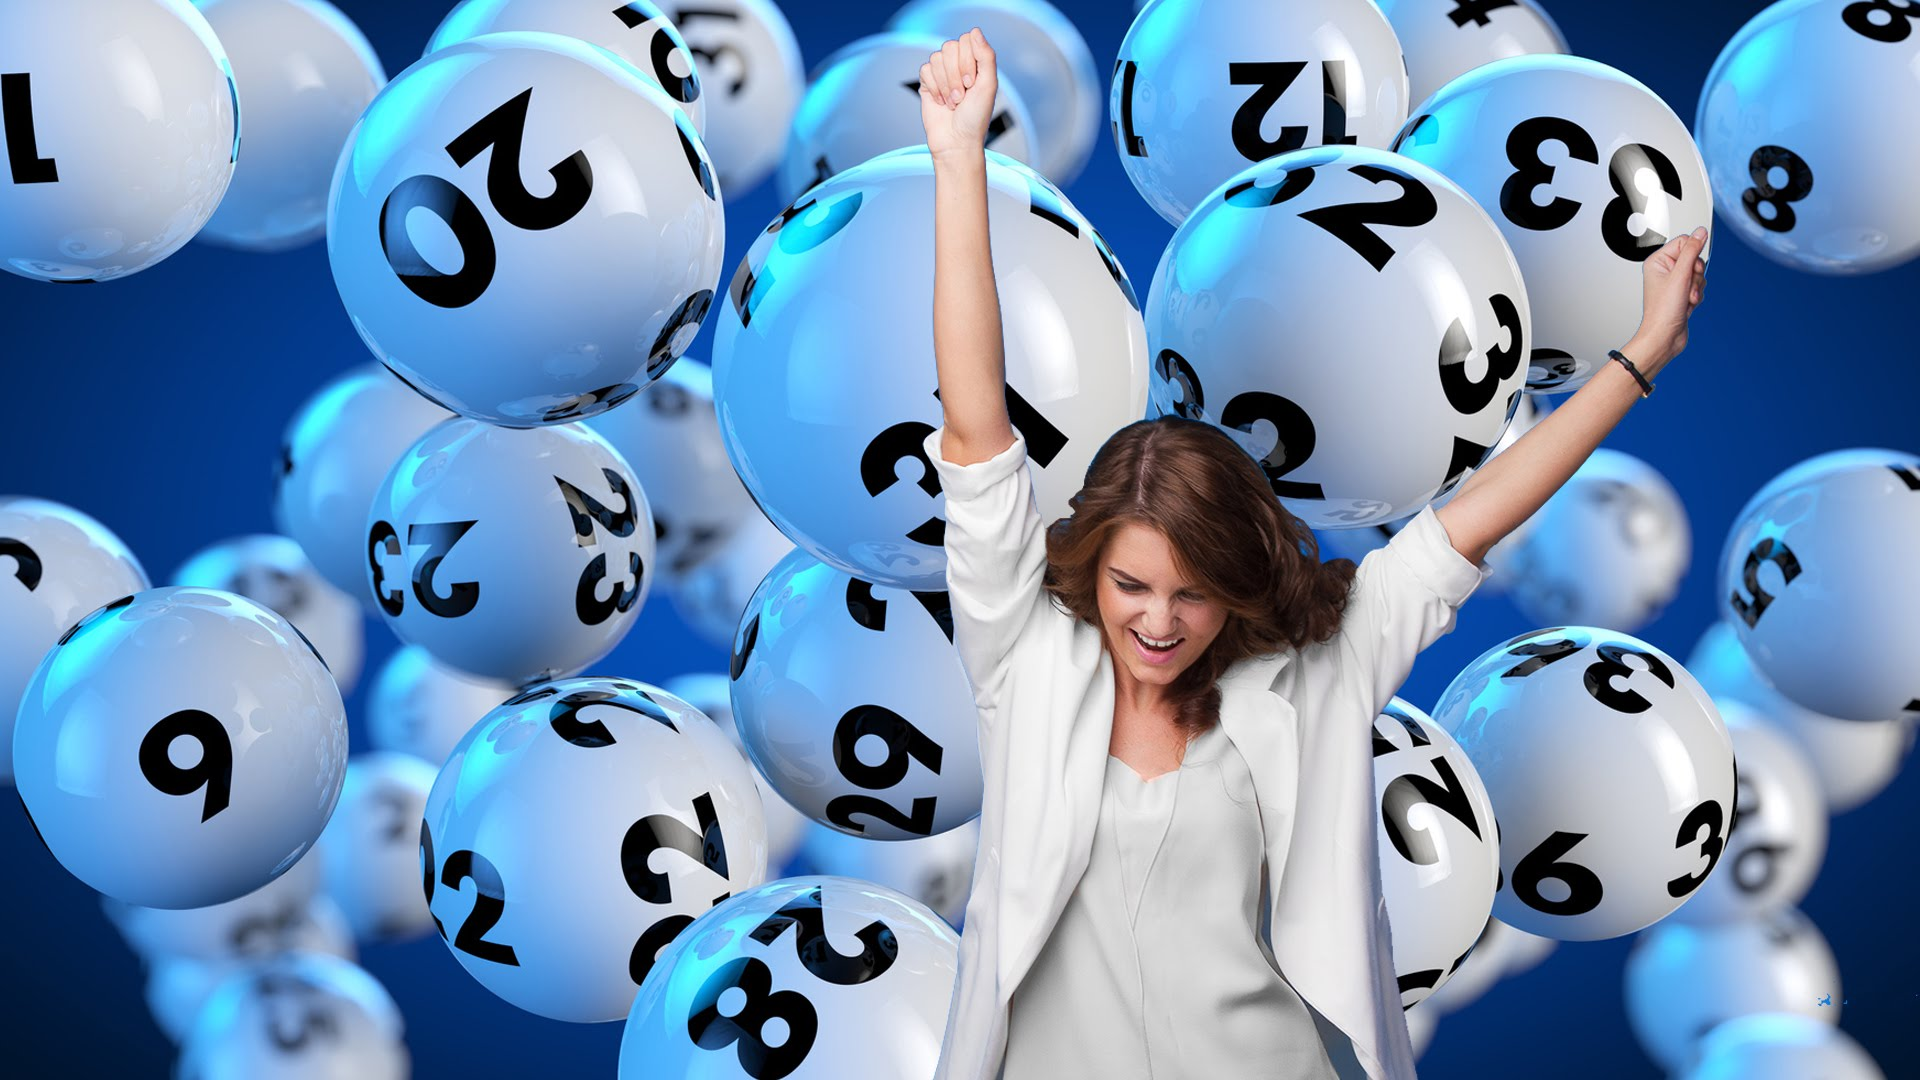 La loterie, il suffit d'être en dessous quand ça tombe !